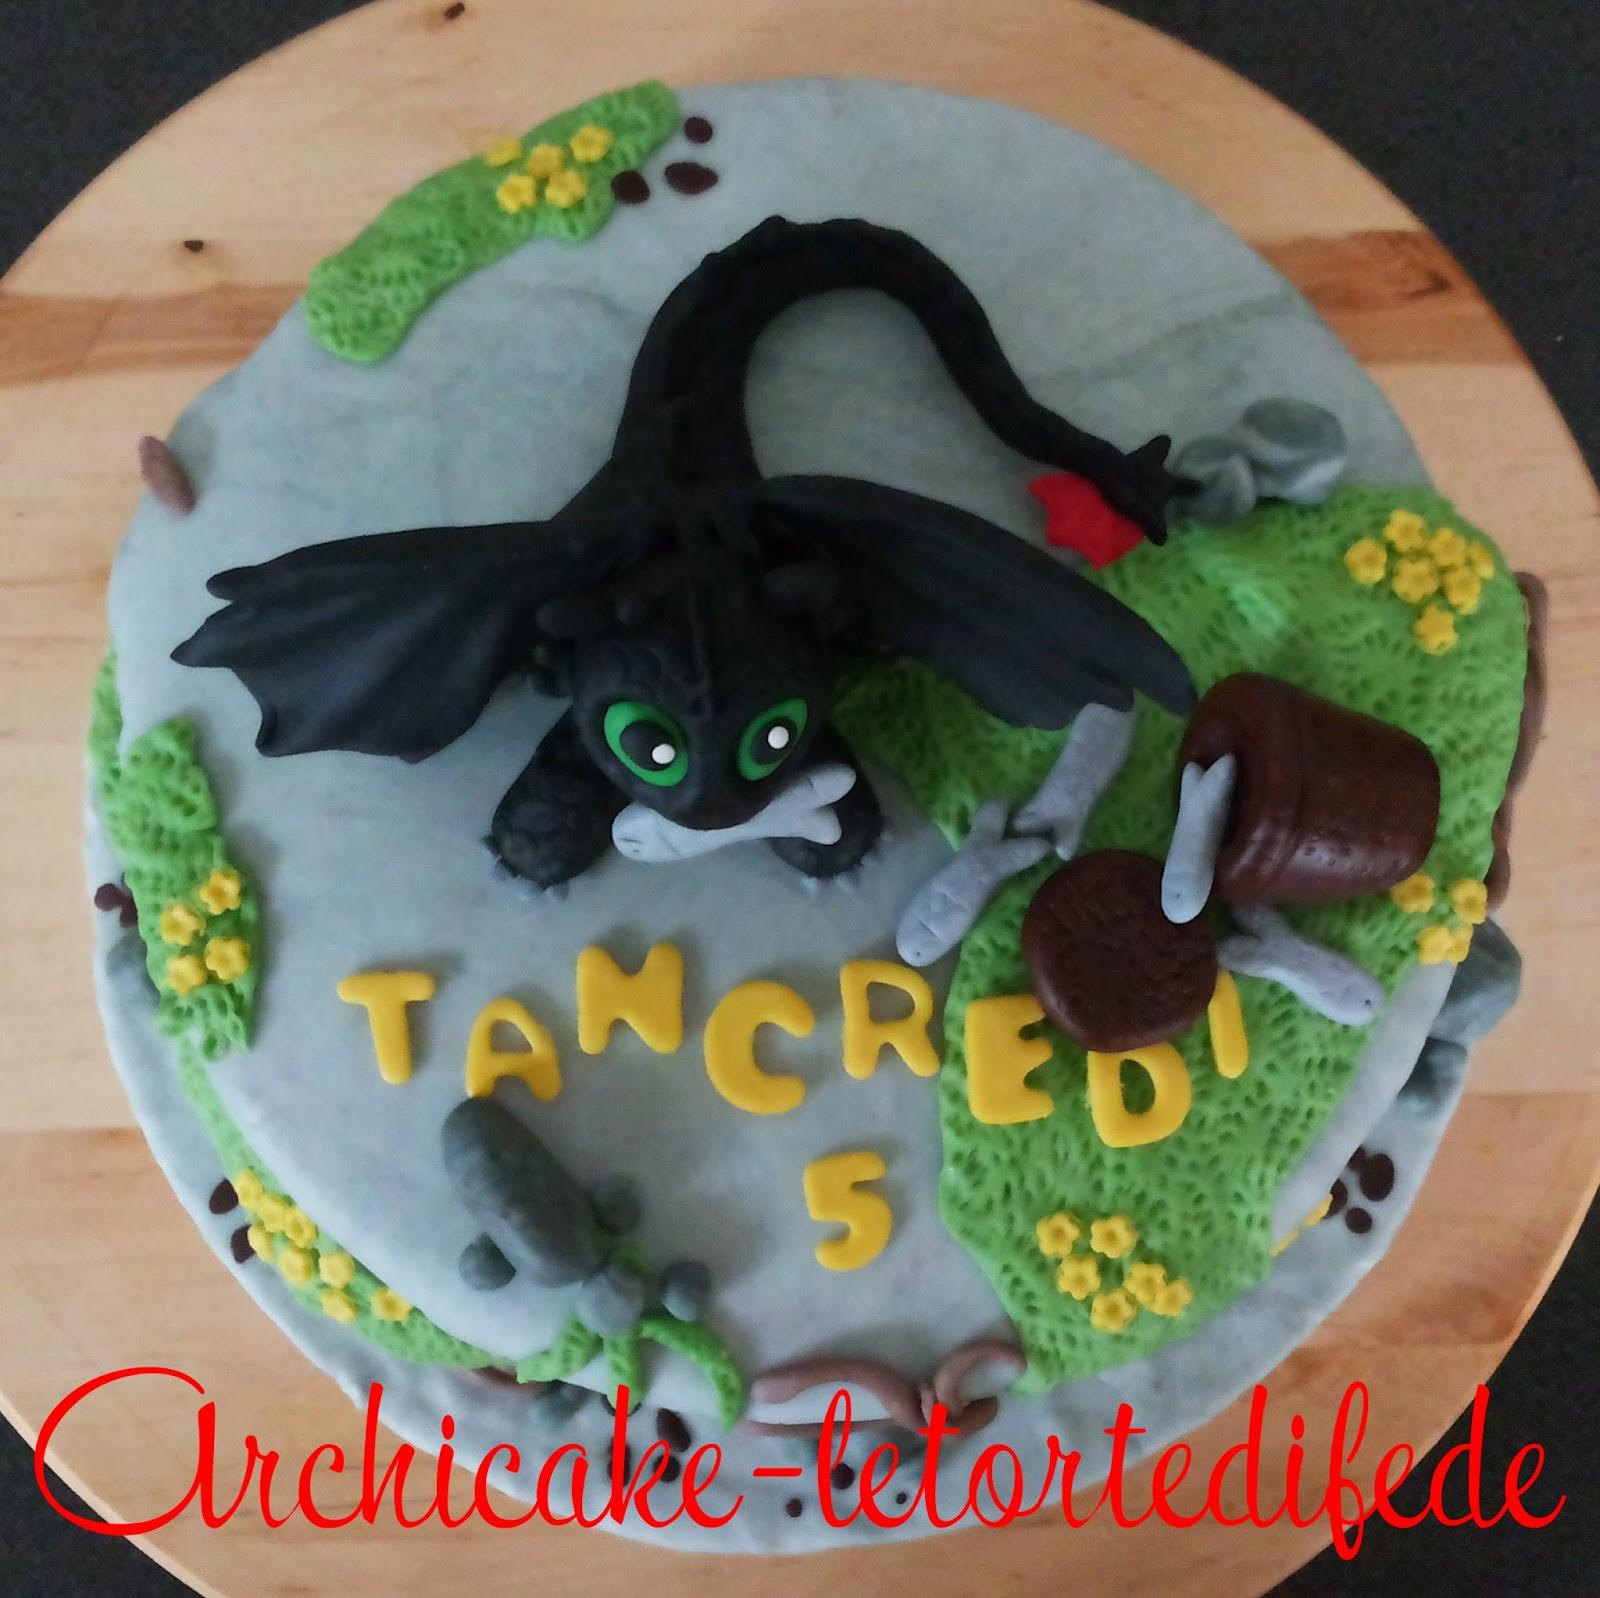 Cake Design Dragon Trainer : Archicake - Le torte di Fede: Dragon Trainer - Sdentato